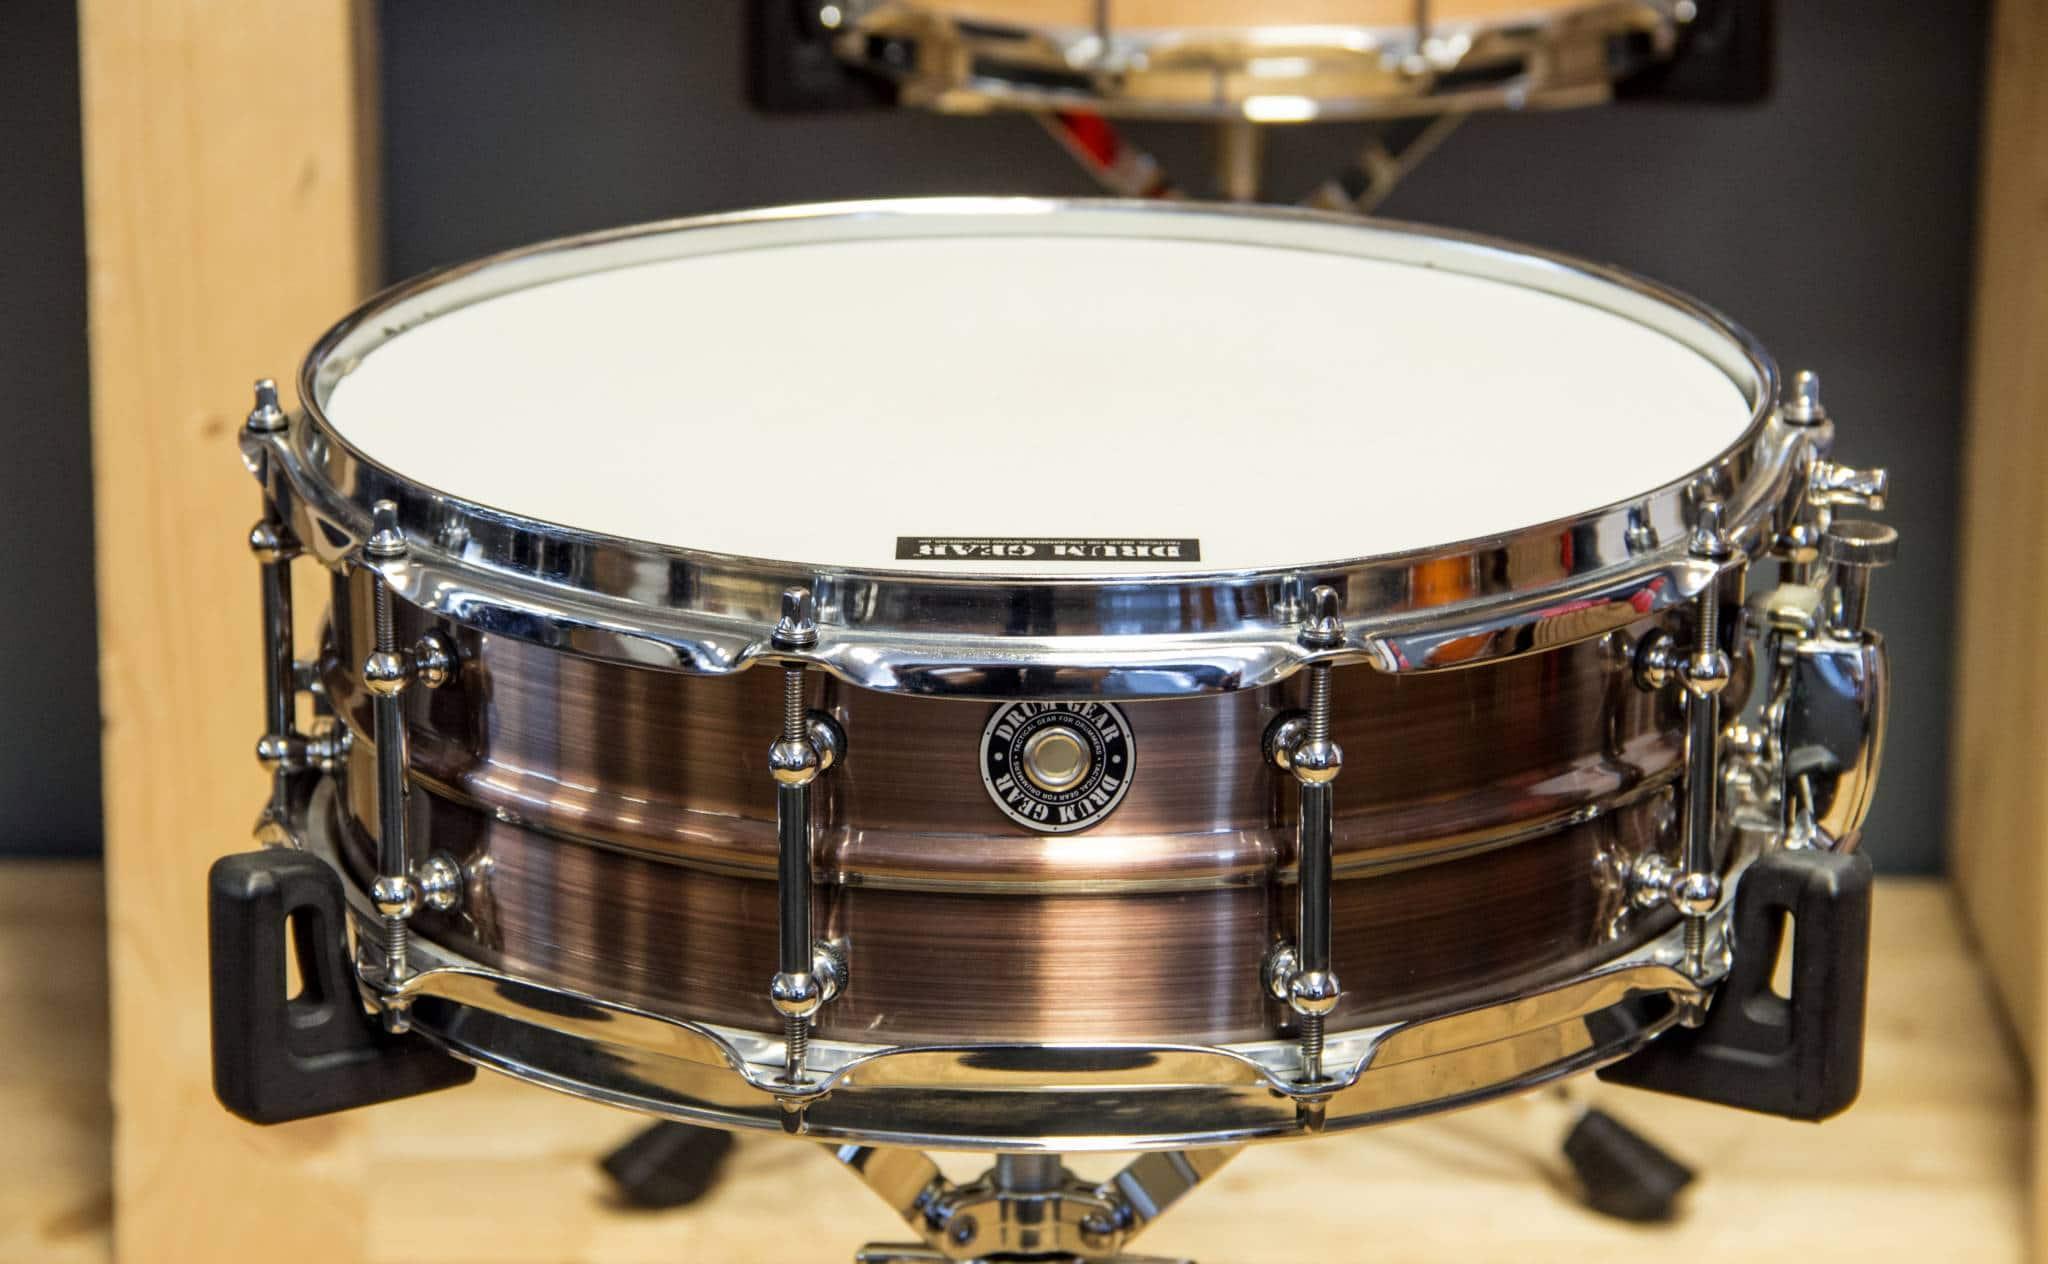 Drum Gear DGS BZ1450 SnareWorks MKII Bronze snaredrum